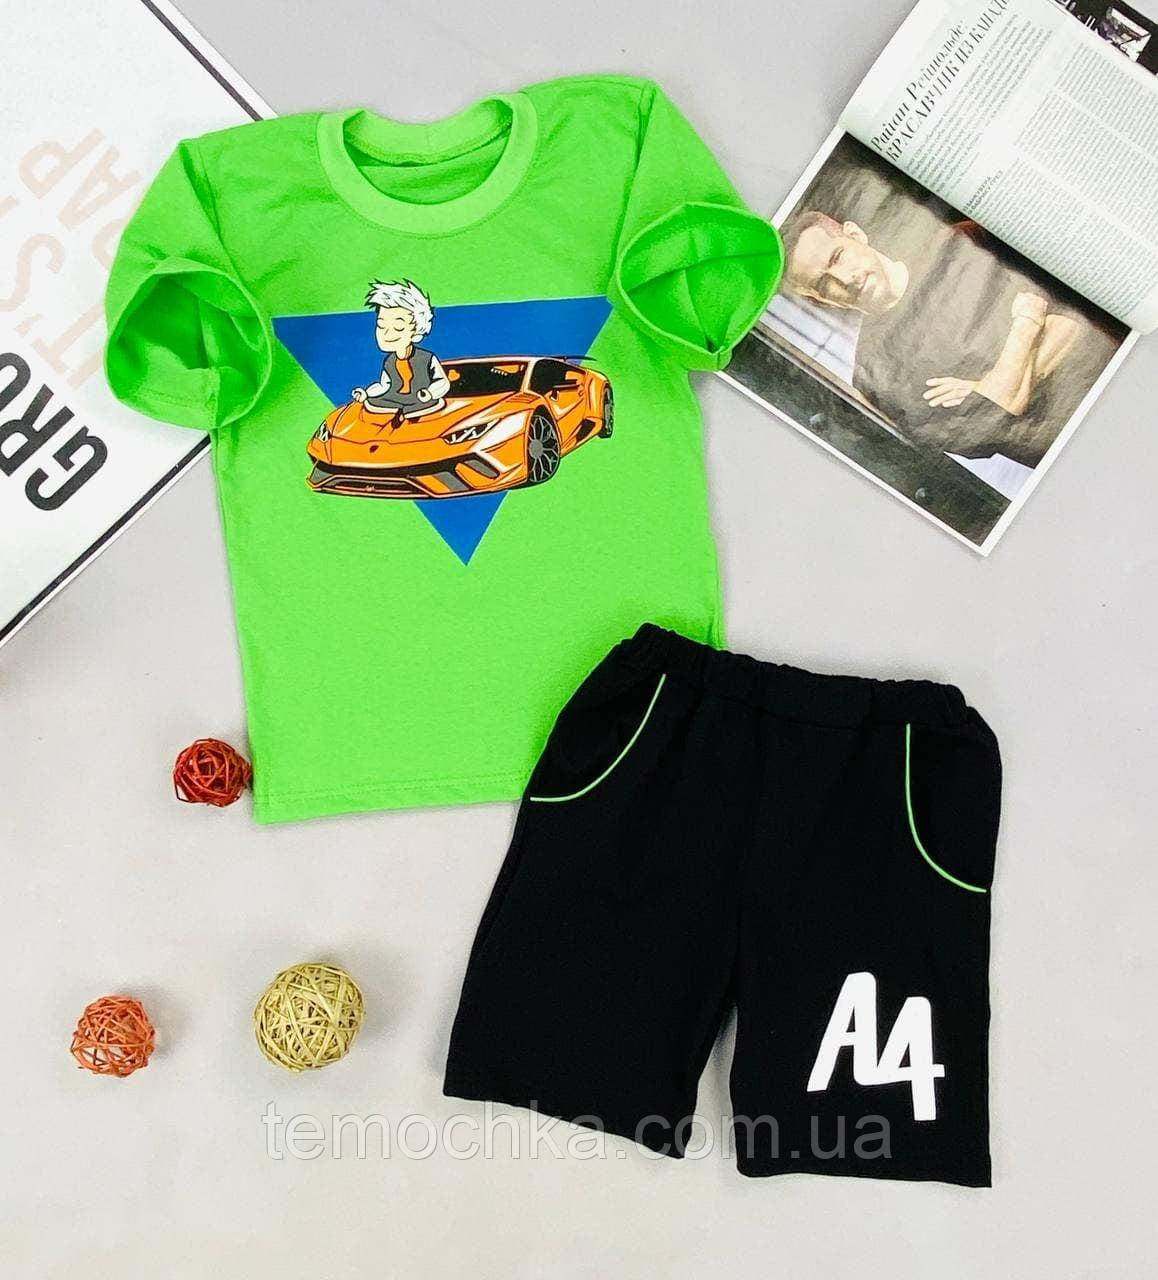 Комплект футболка и шорты для мальчика А4 Бумага